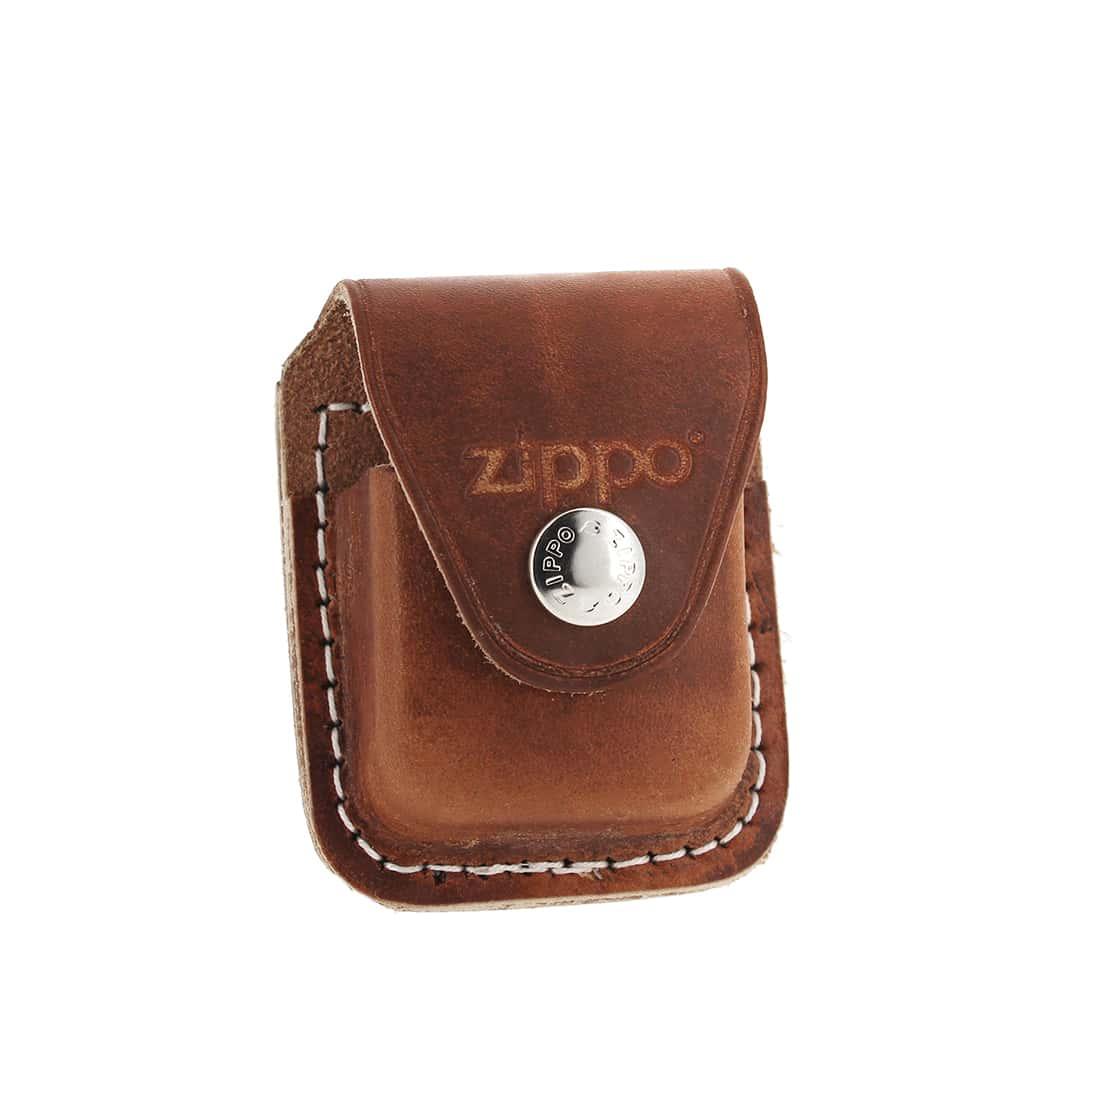 Photo de Zippo etui briquet cuir marron à clip 859008